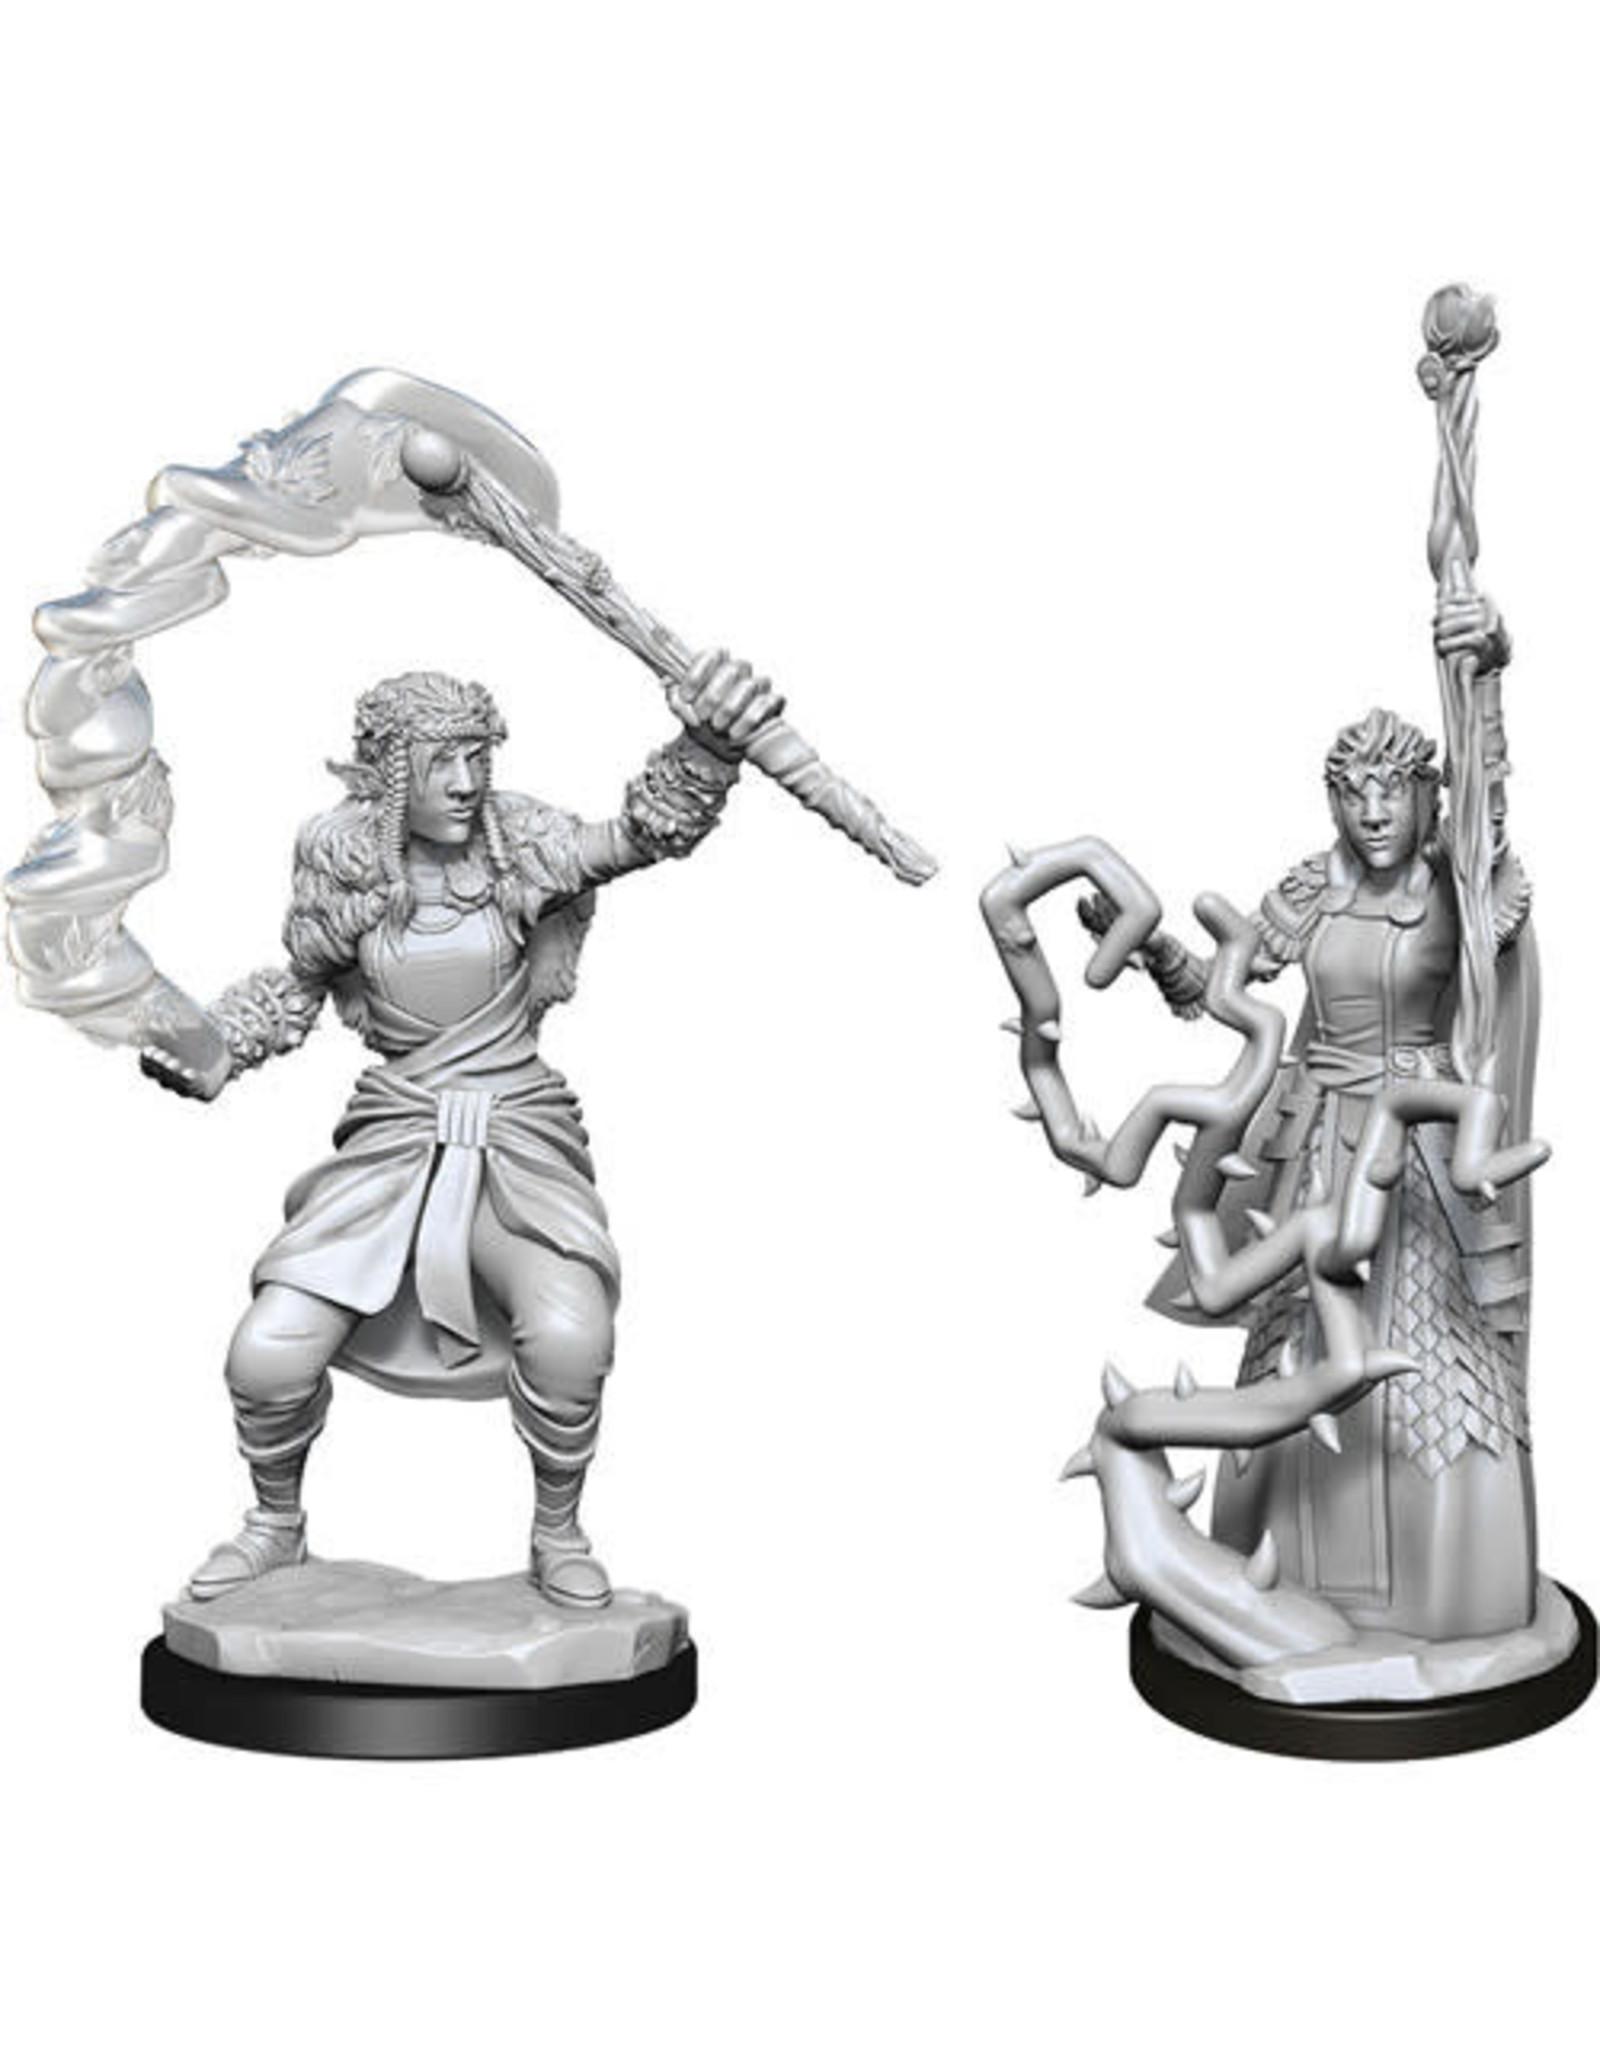 D&D Unpainted Minis: Firbolg Druid Female (Wave 13)